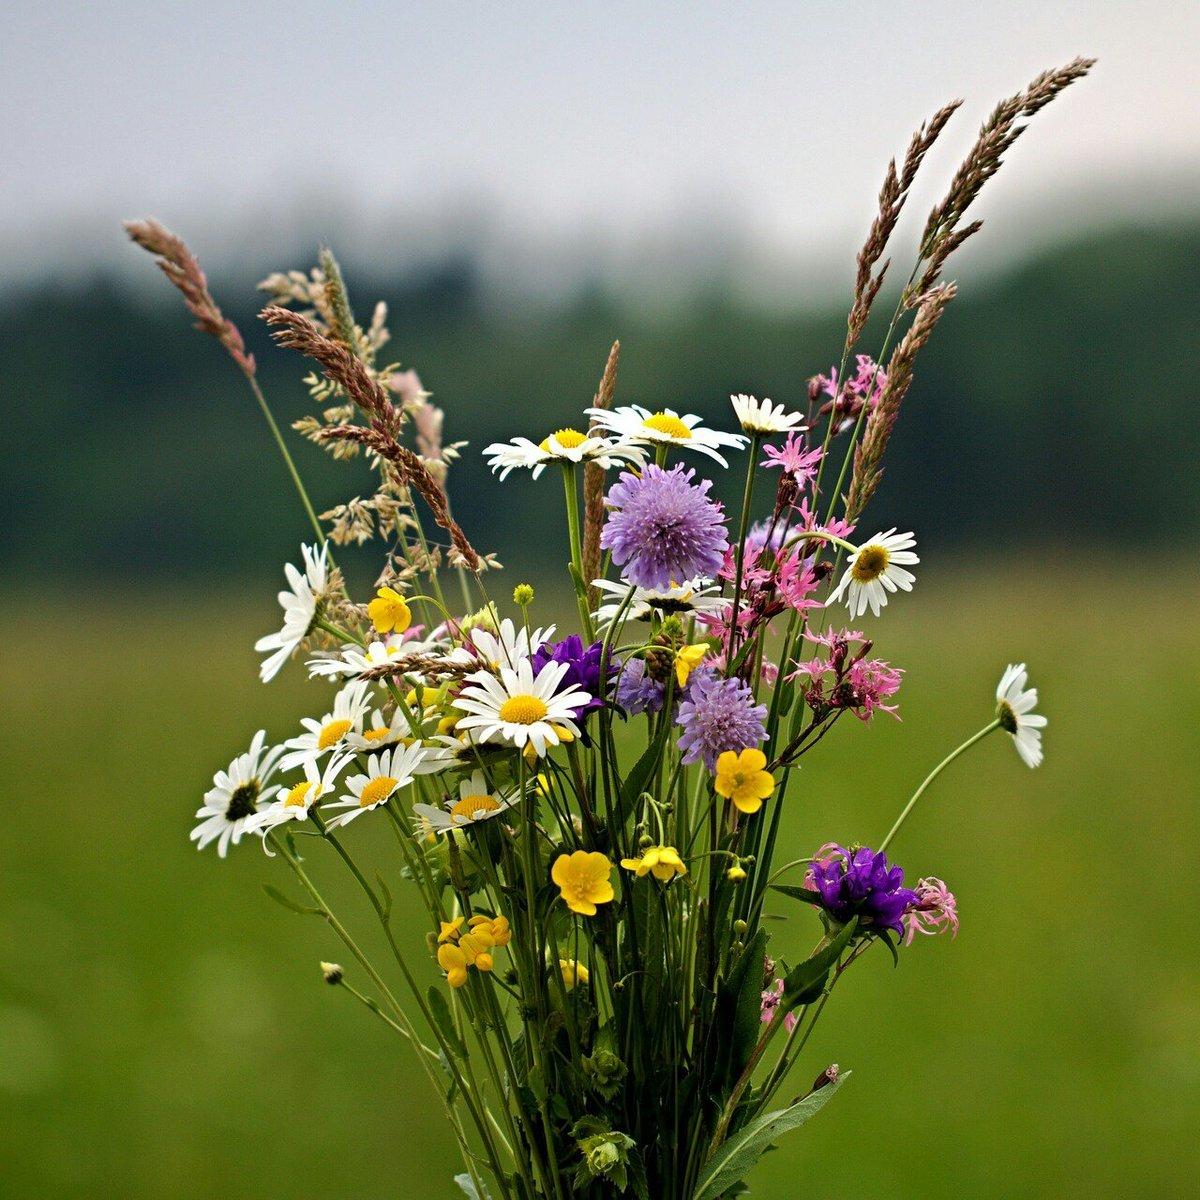 Картинки букеты цветов полевых, детские картинки анимация